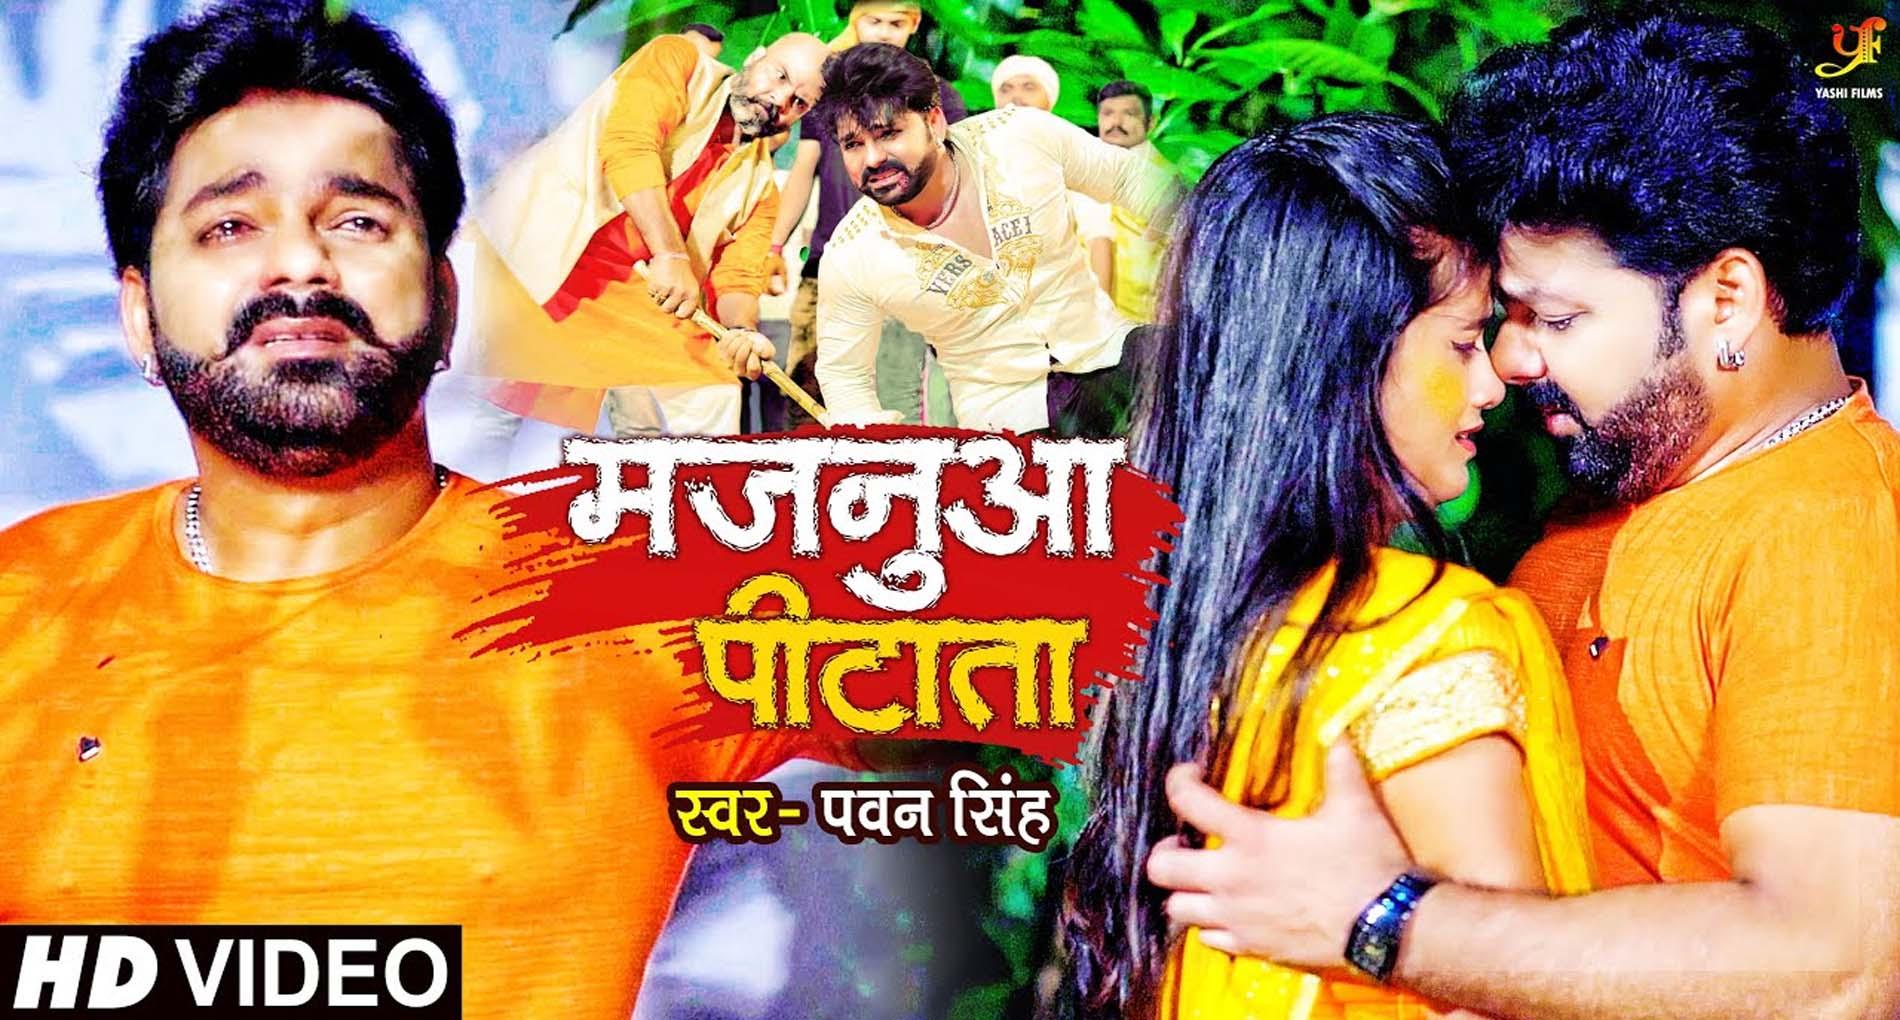 Bhojpuri Song: CM नीतीश के ट्वीट पर पवन सिंह का गाना 'मजनुआ पीटाता' हुआ वायरल! देखें वीडियो